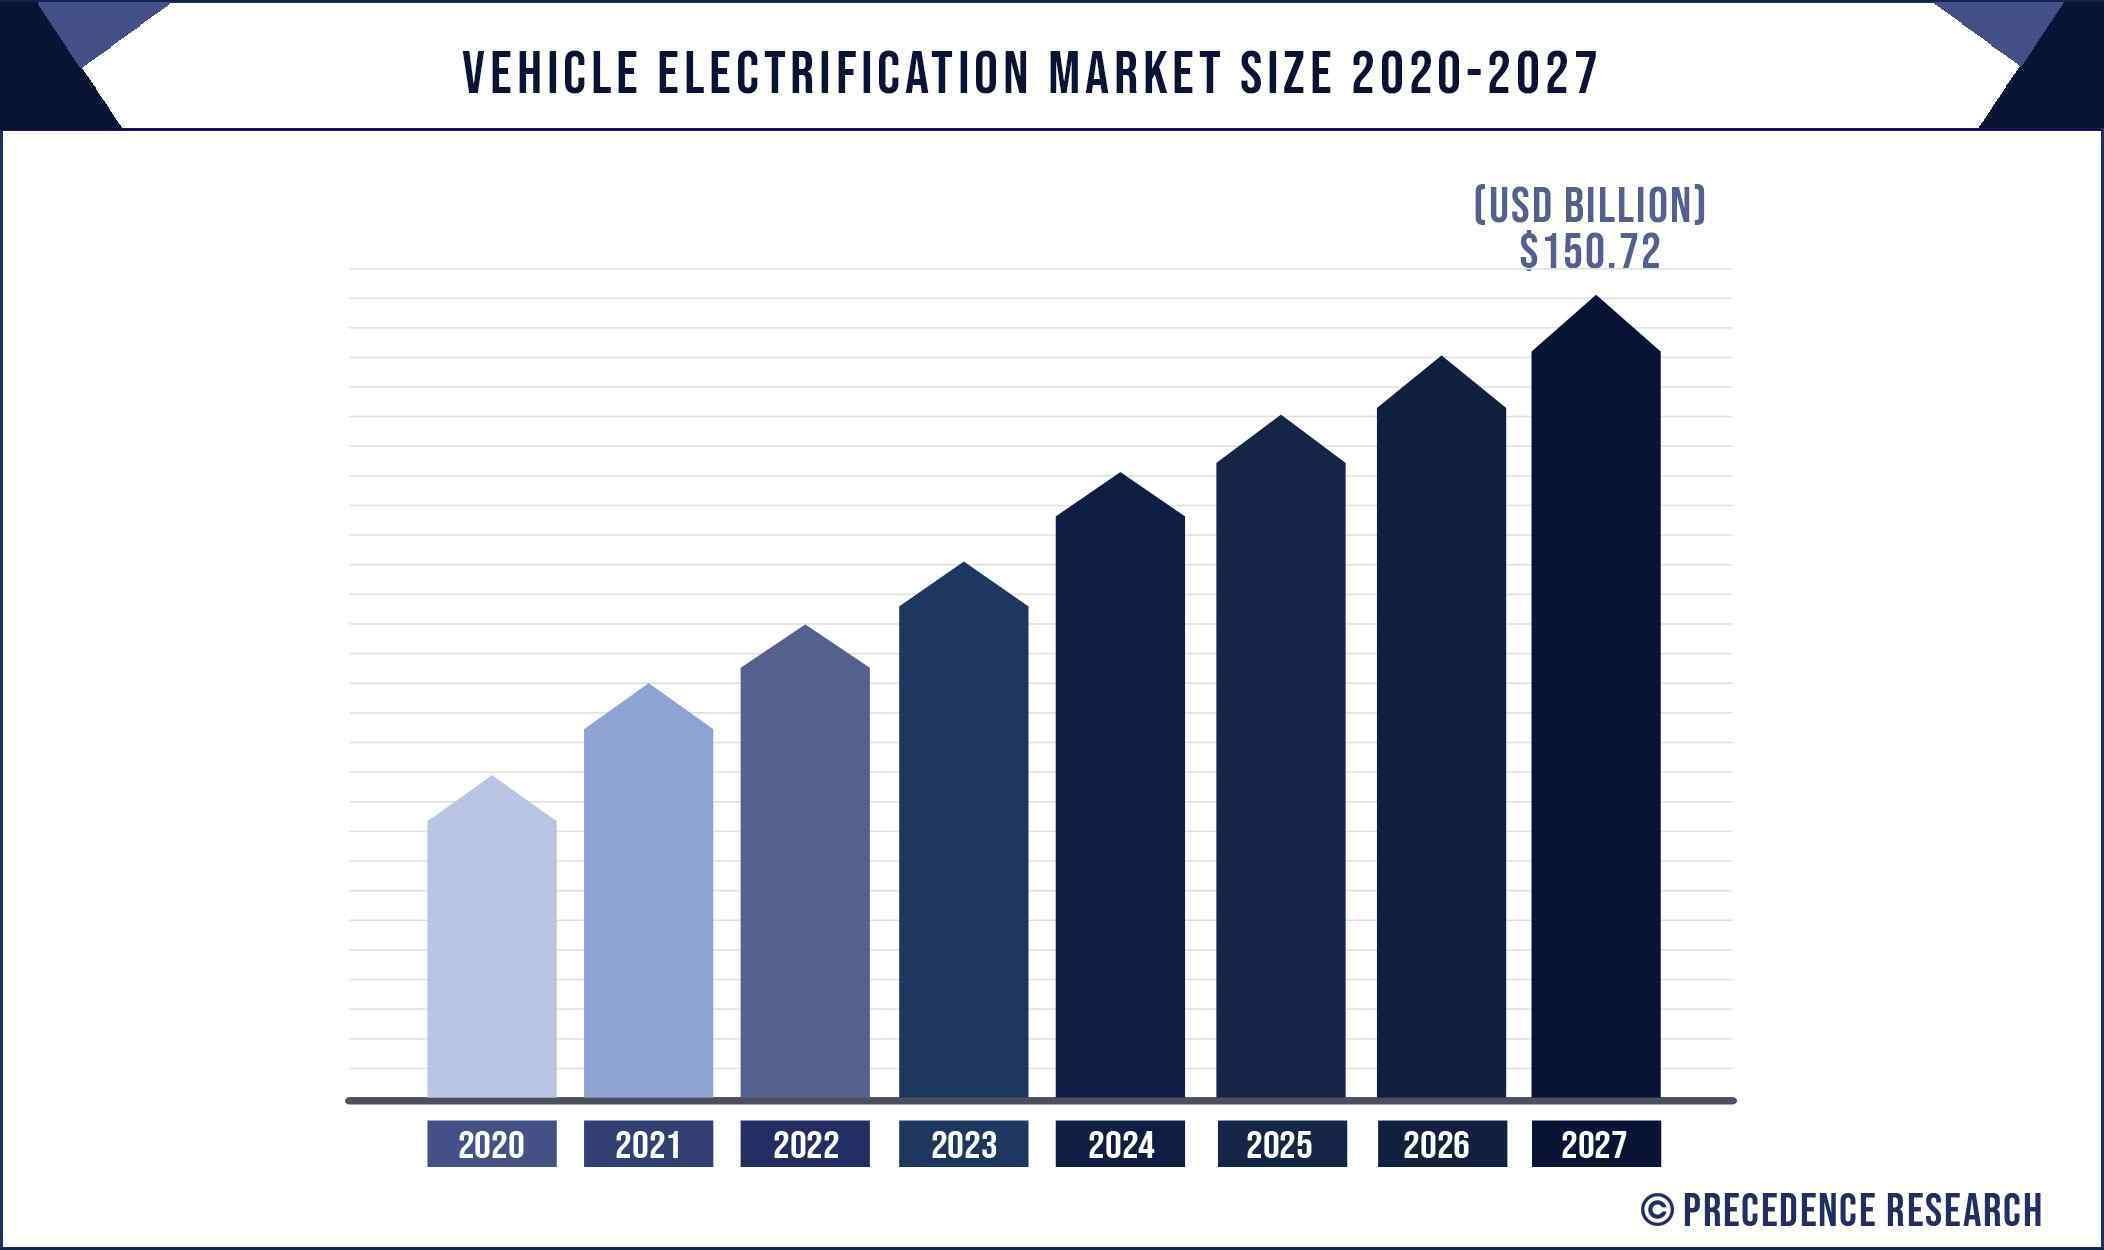 Vehicle Electrification Market Size 2020 to 2027